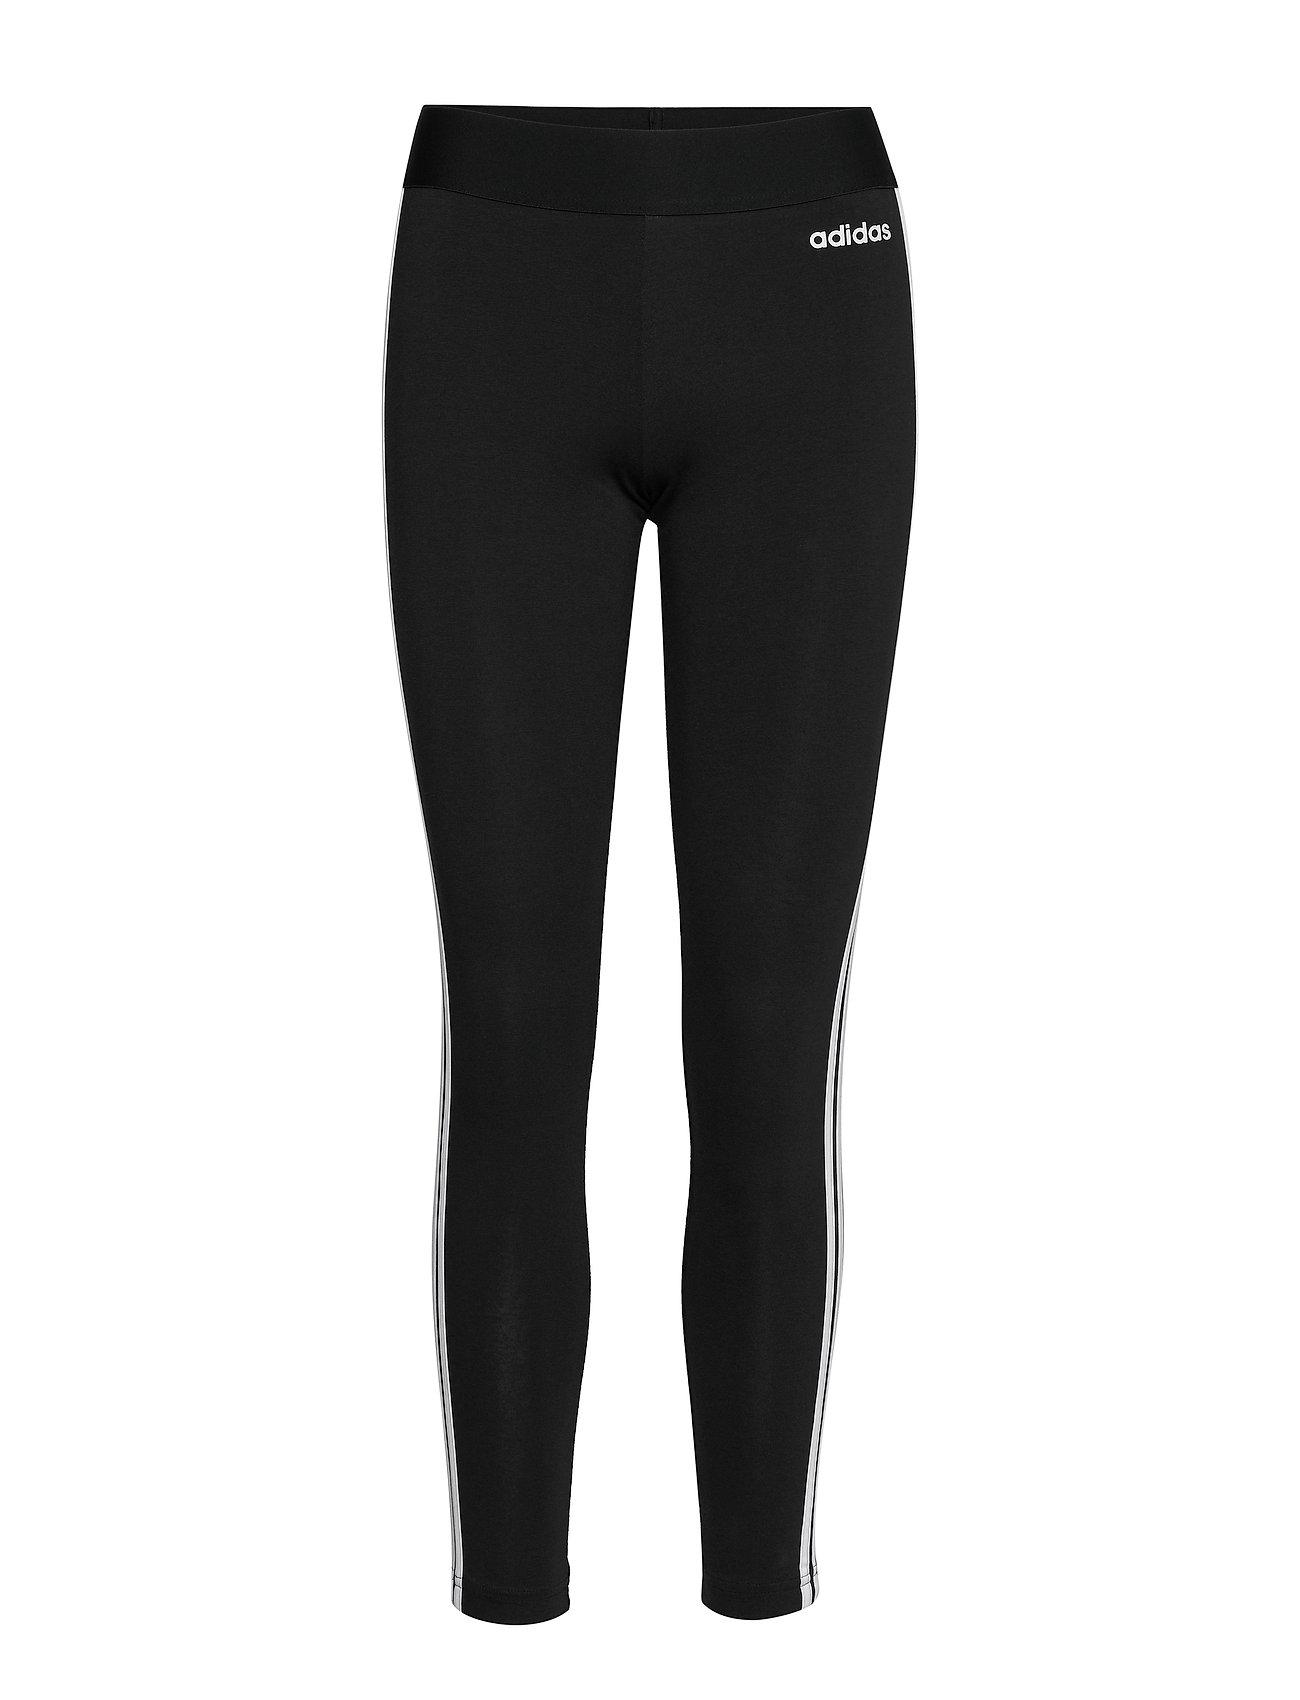 adidas Performance W E 3S TIGHT - BLACK/WHITE